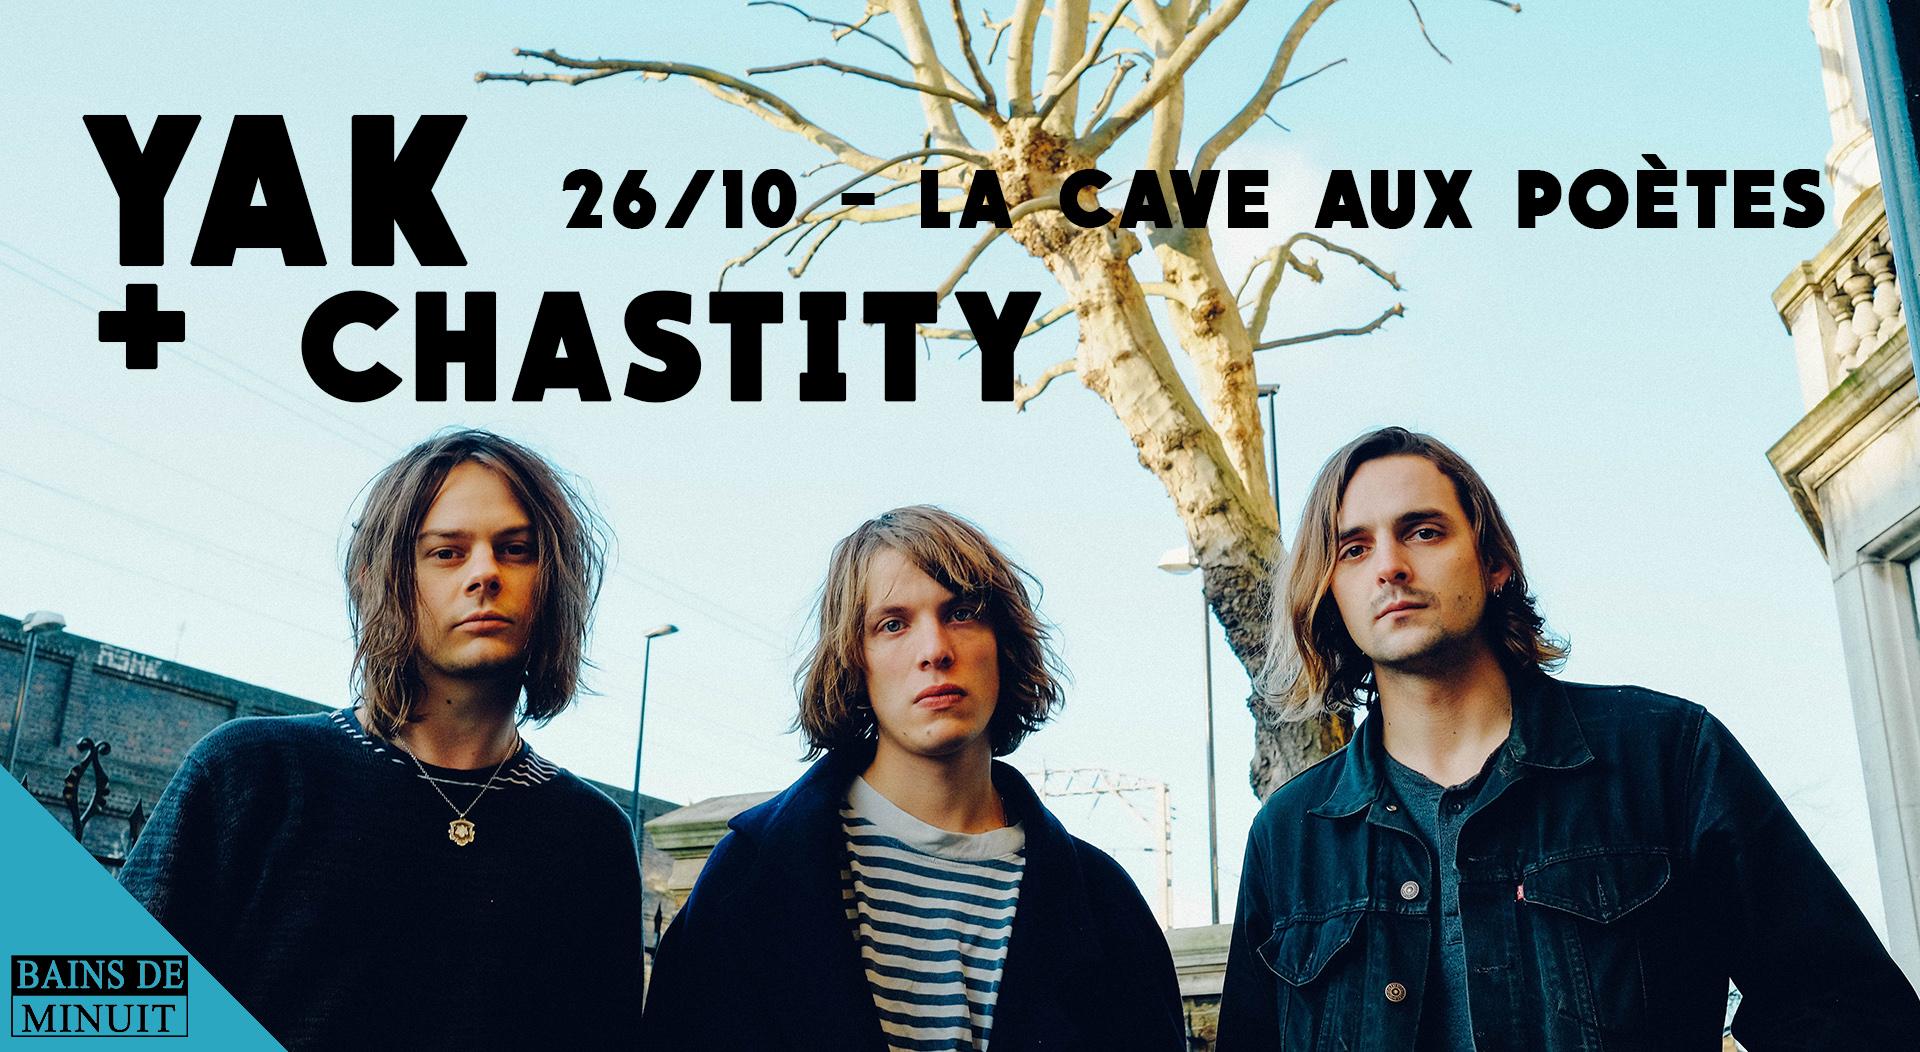 26/10 – YAK (uk) + Chastity (ca) / La Cave aux Poètes, Roubaix